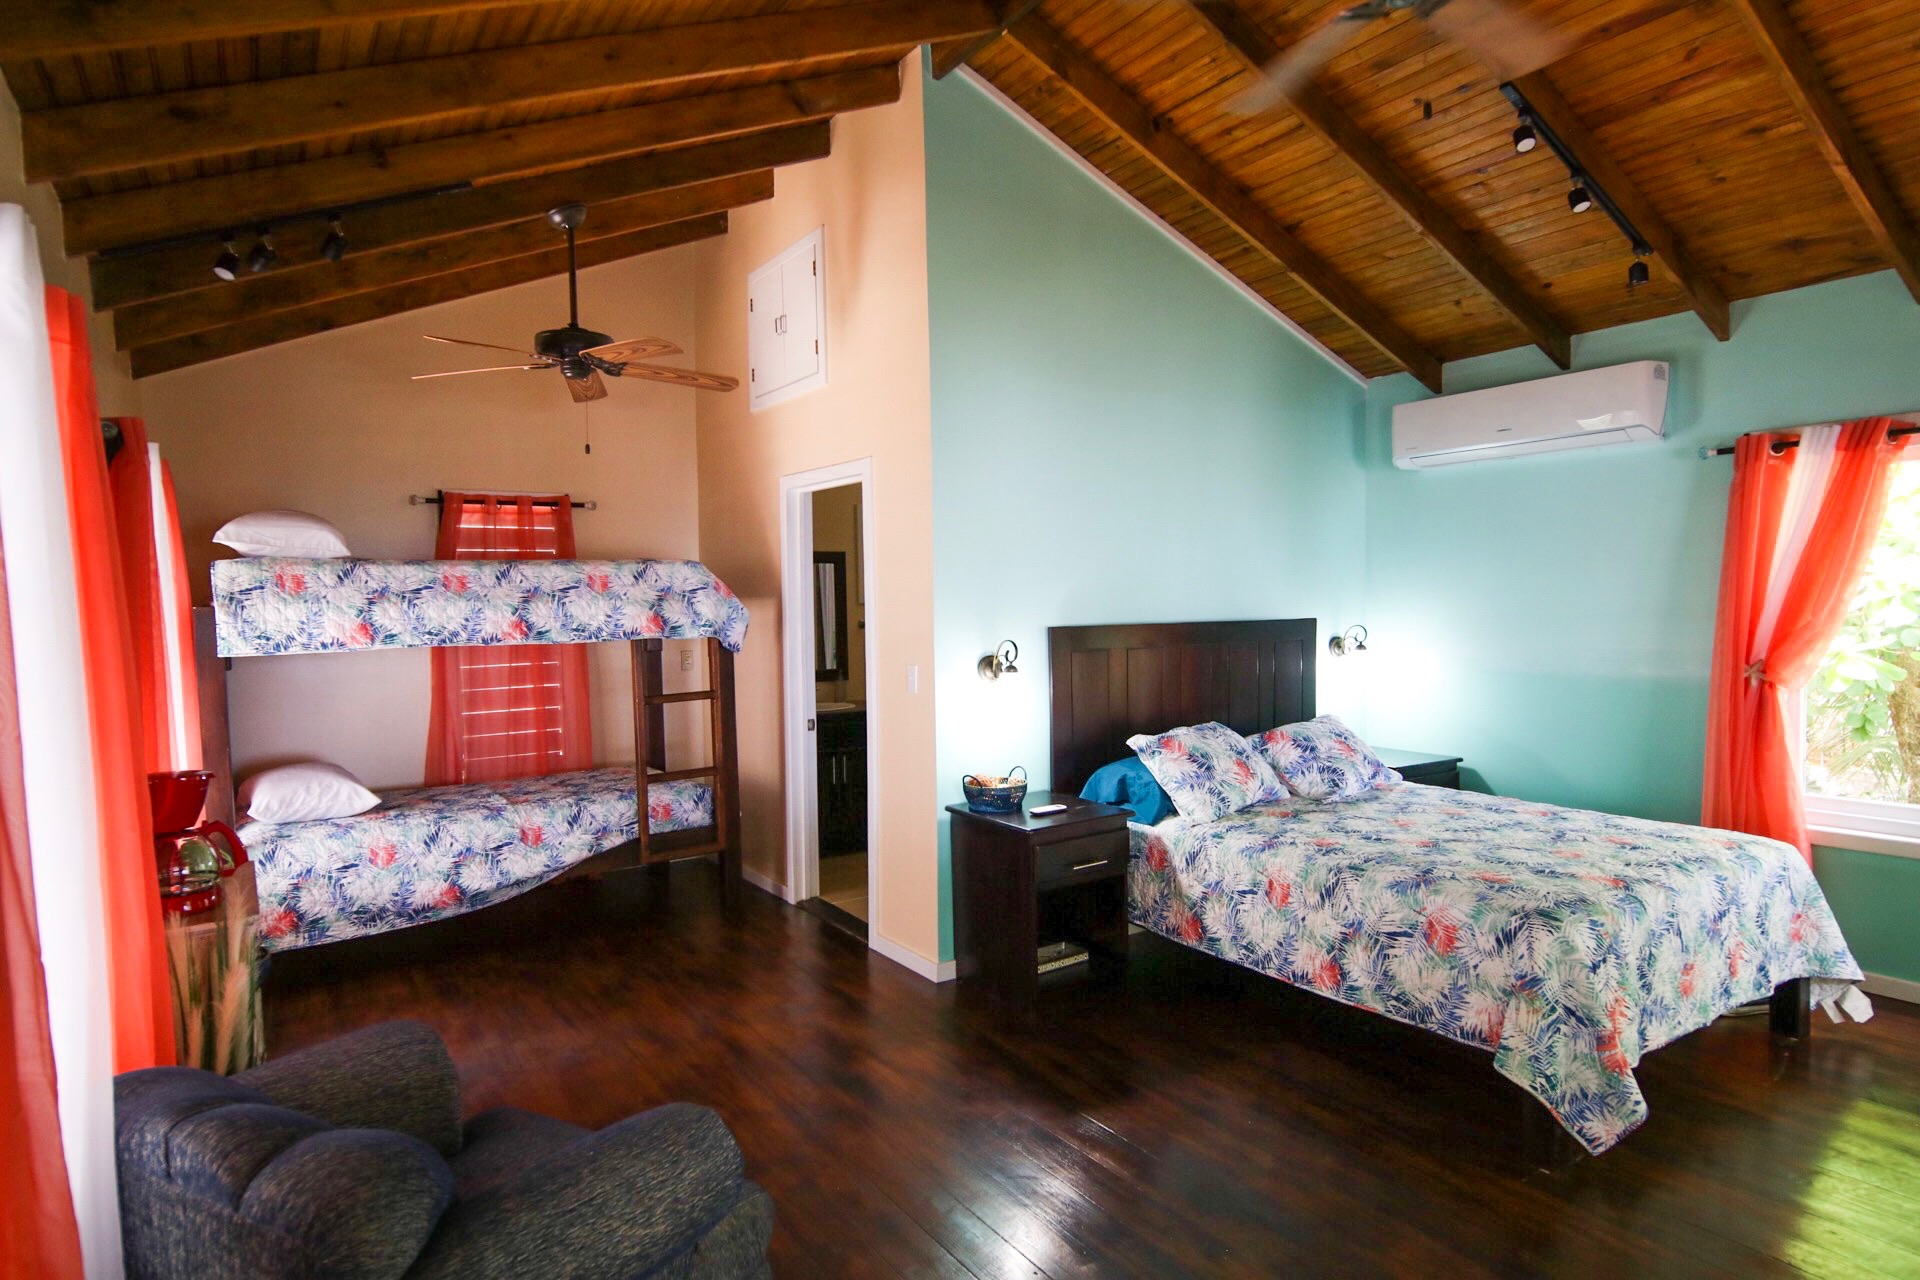 Casita Oseana Bunks and beds